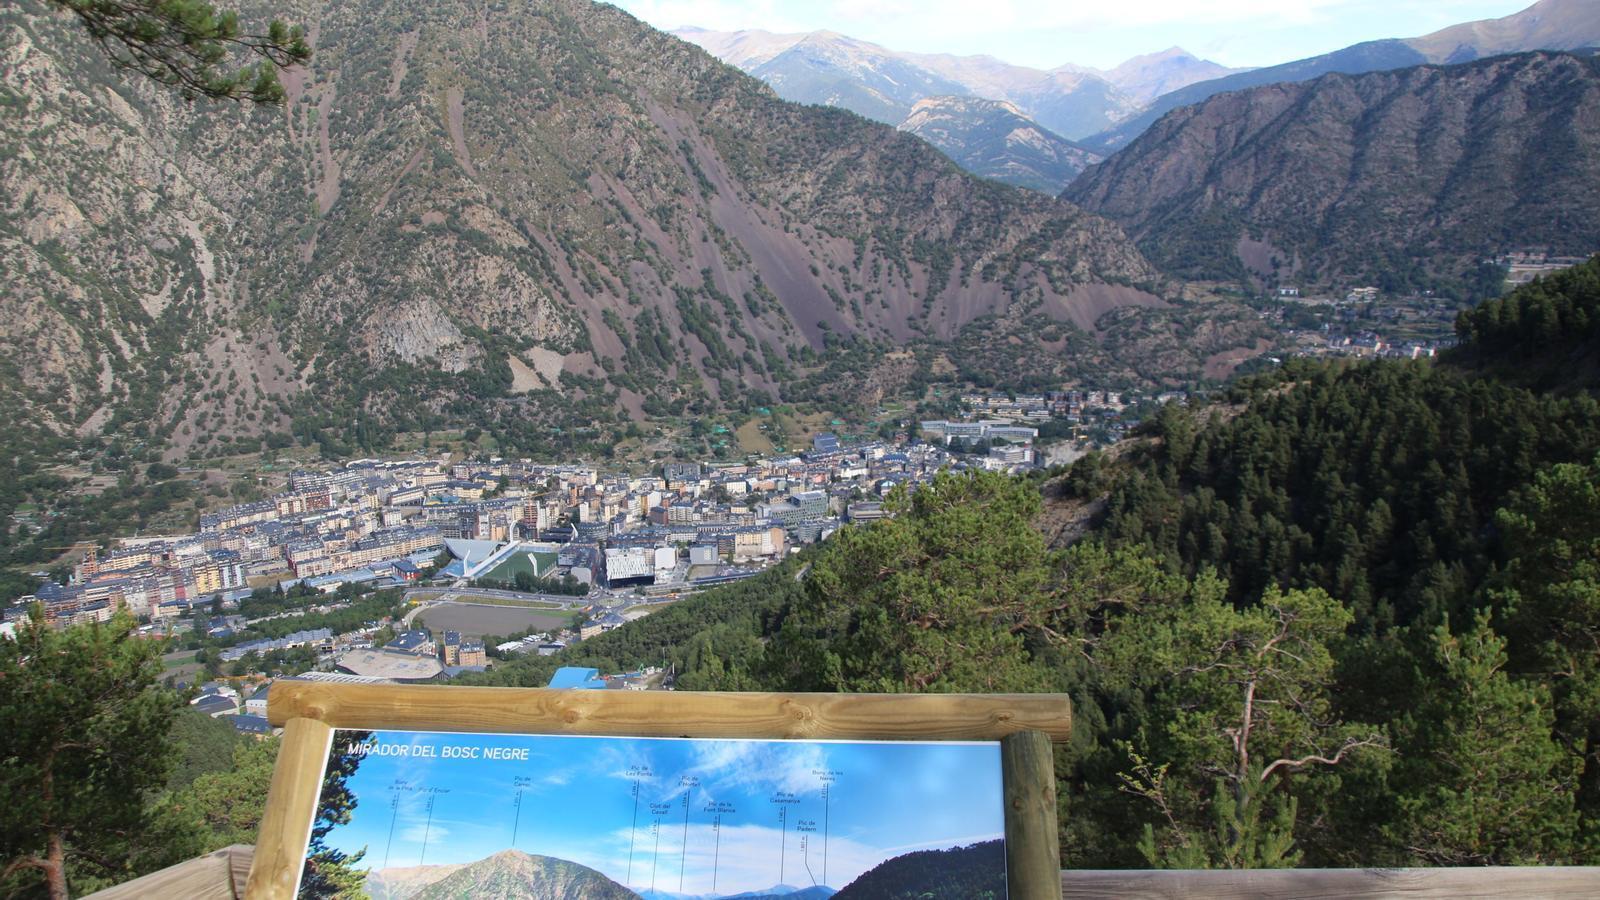 Imatge d'Andorra la Vella des del mirador del Bosc Negre. / A. S.